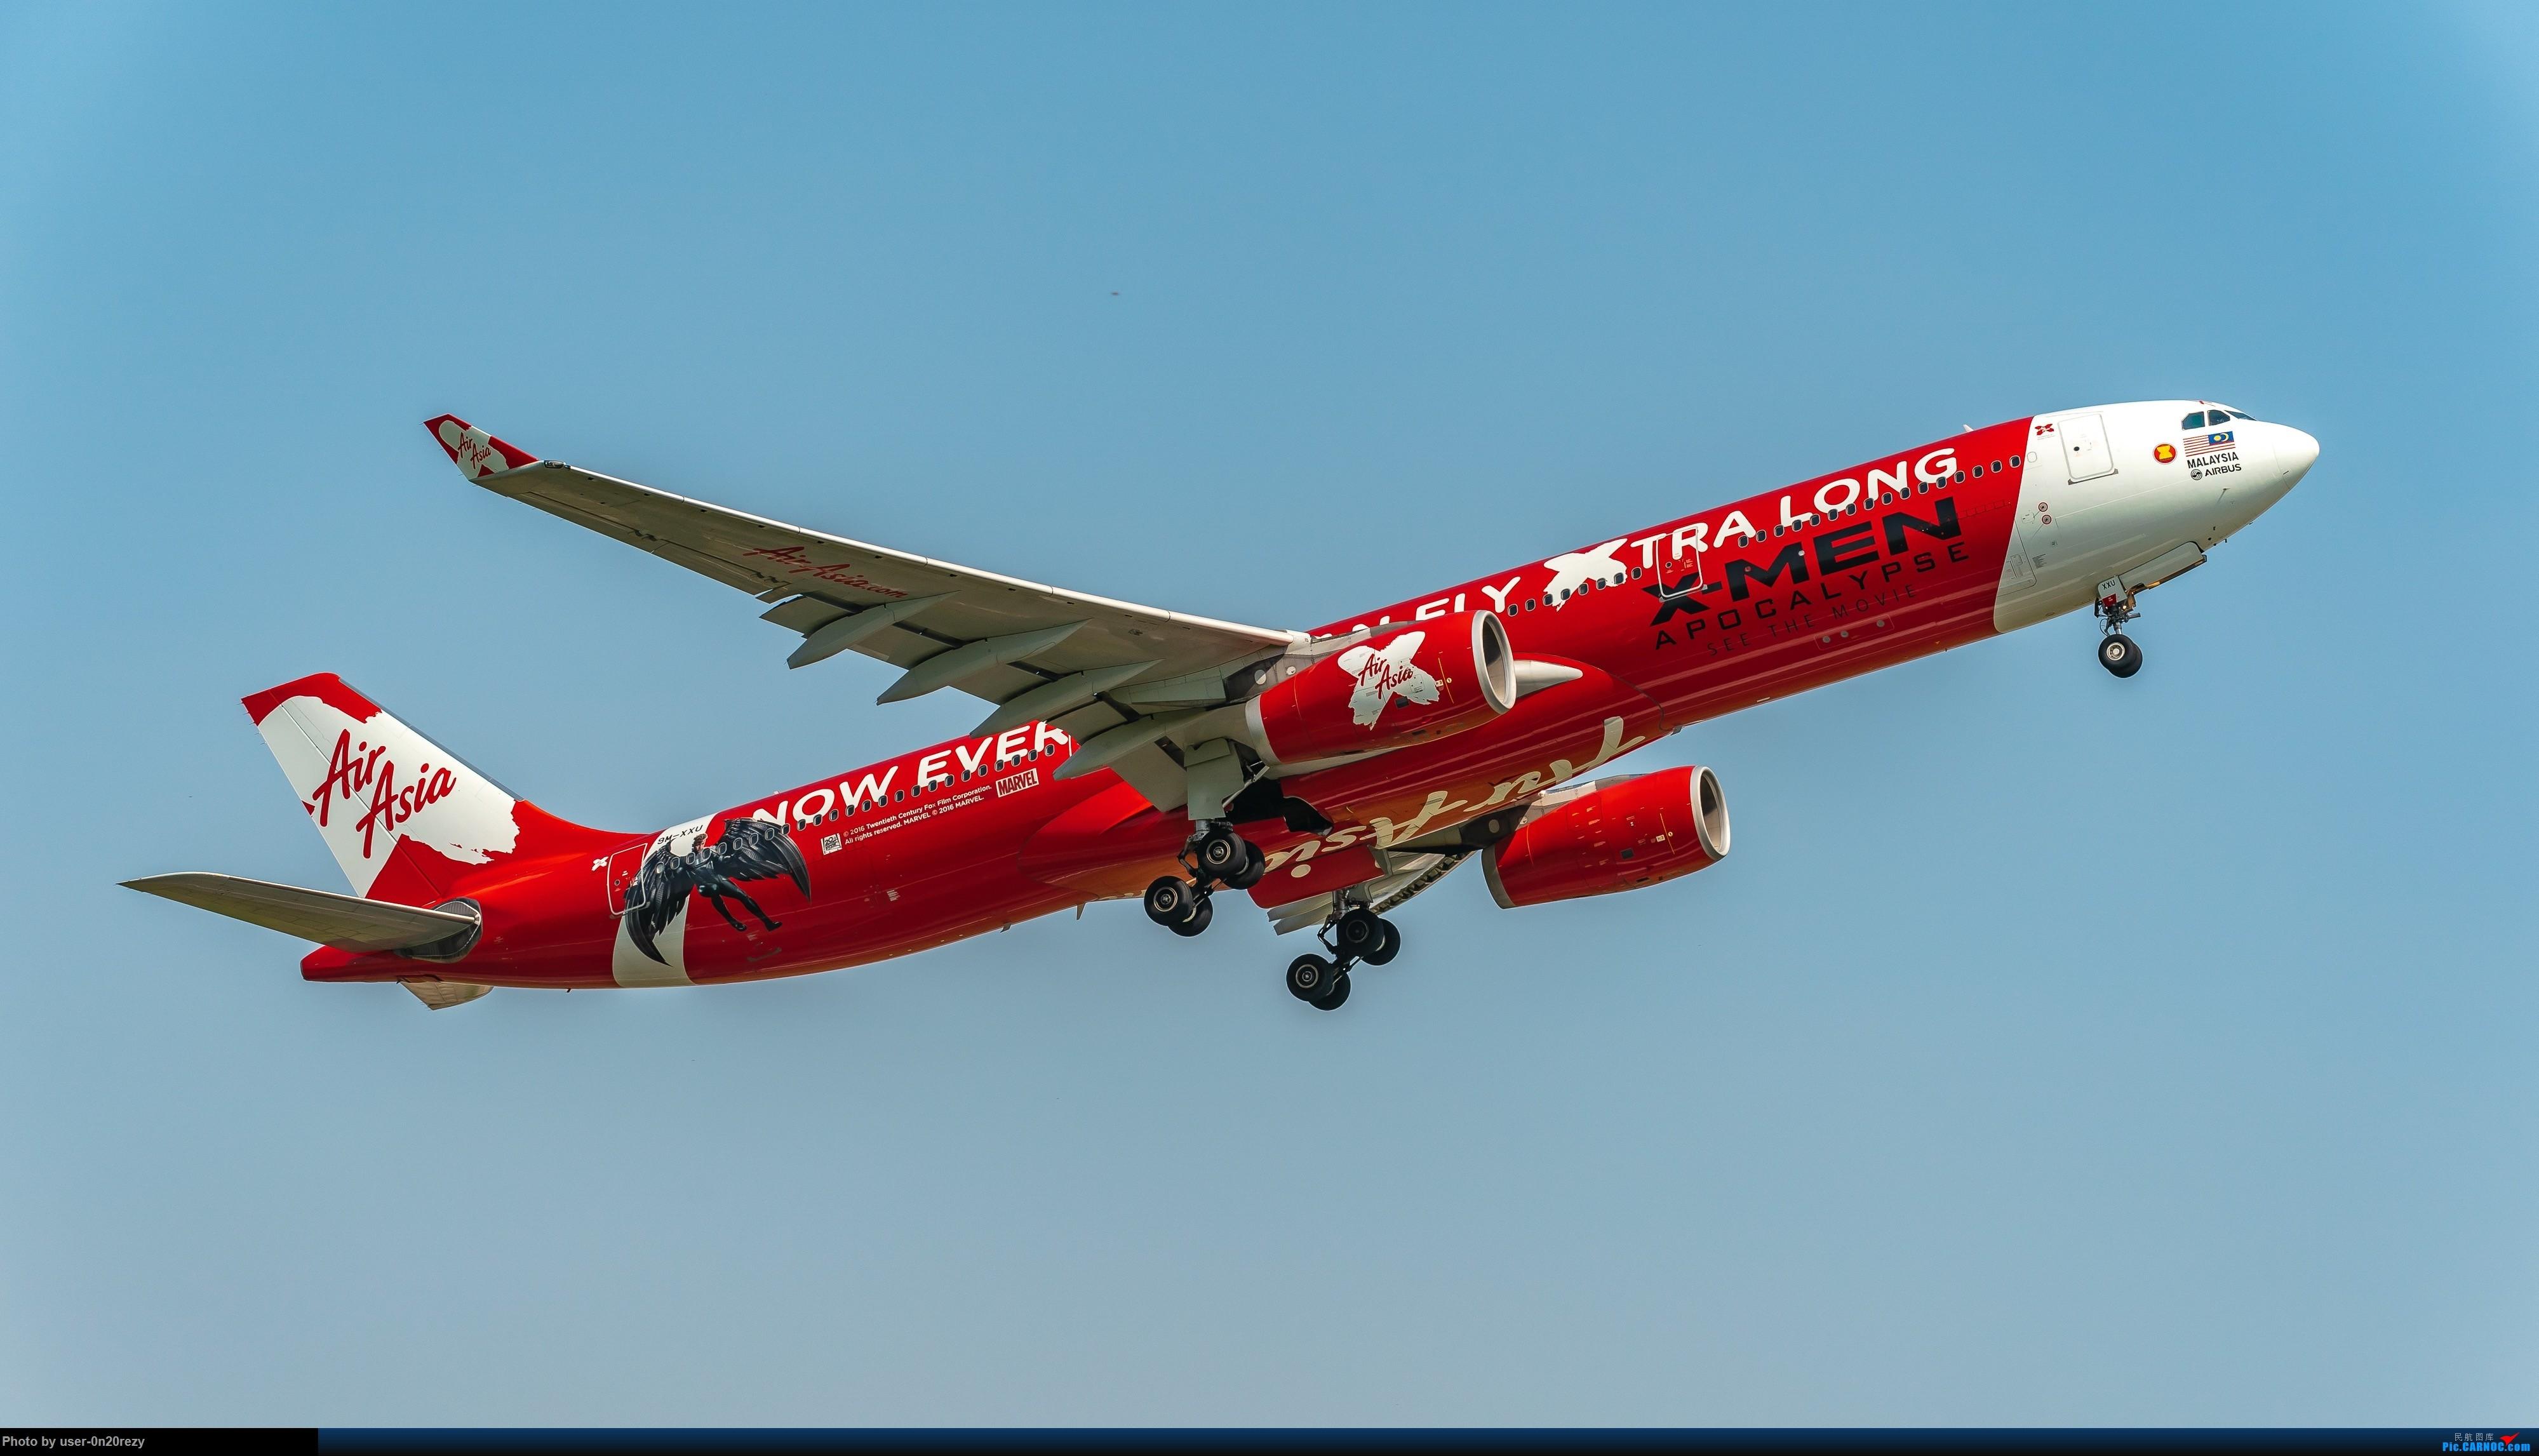 Re:[原创]HGH的亚航彩绘机 AIRBUSA330-343 9M-XXU 中国杭州萧山国际机场